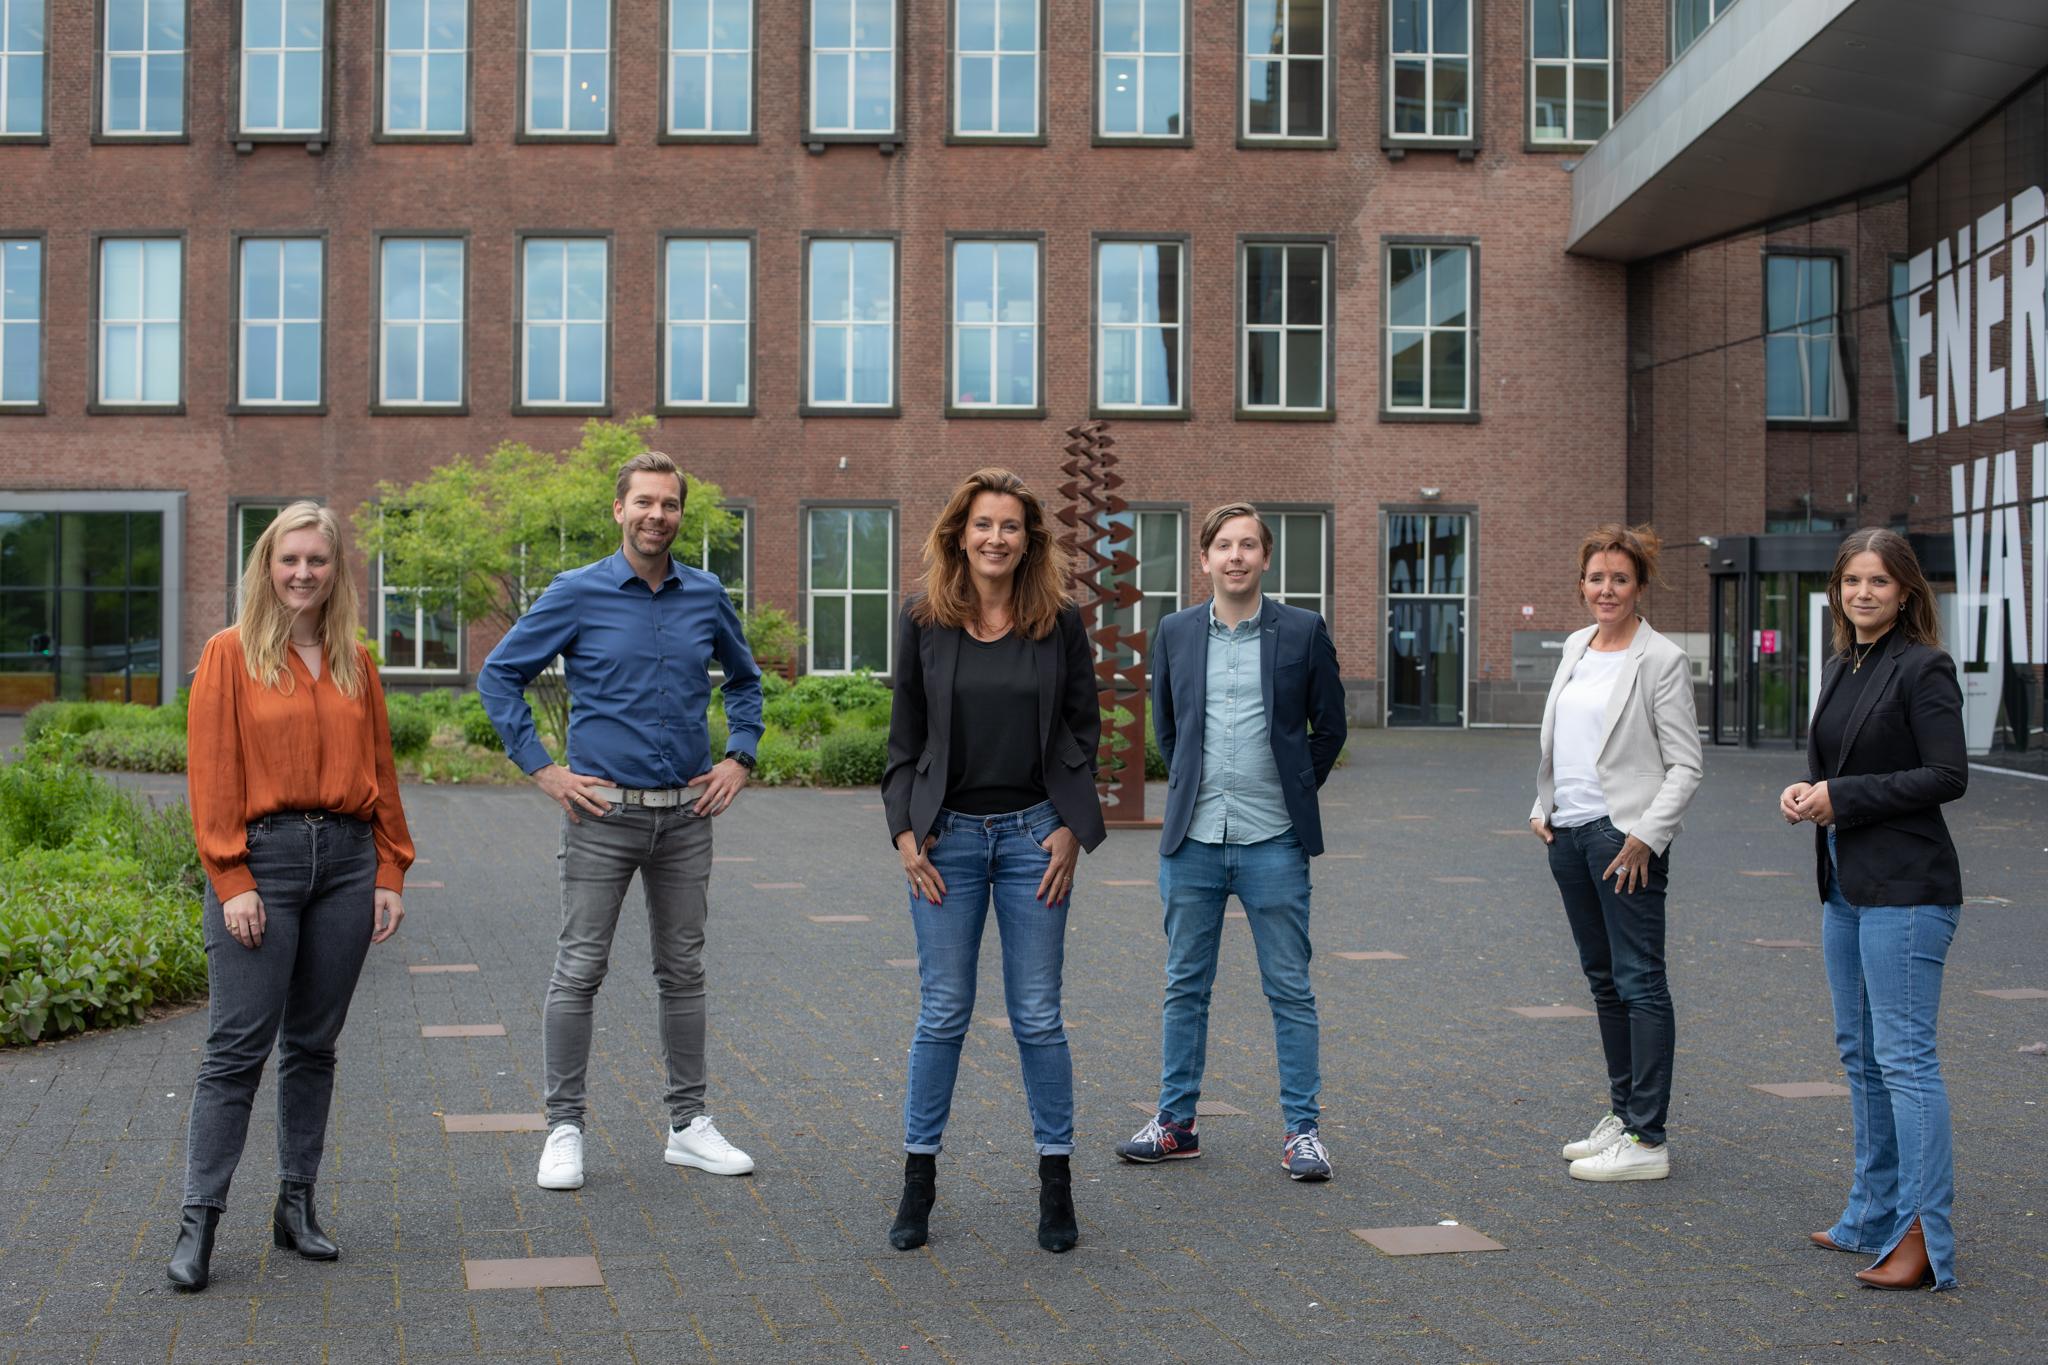 LEF Recruitment - team LEF